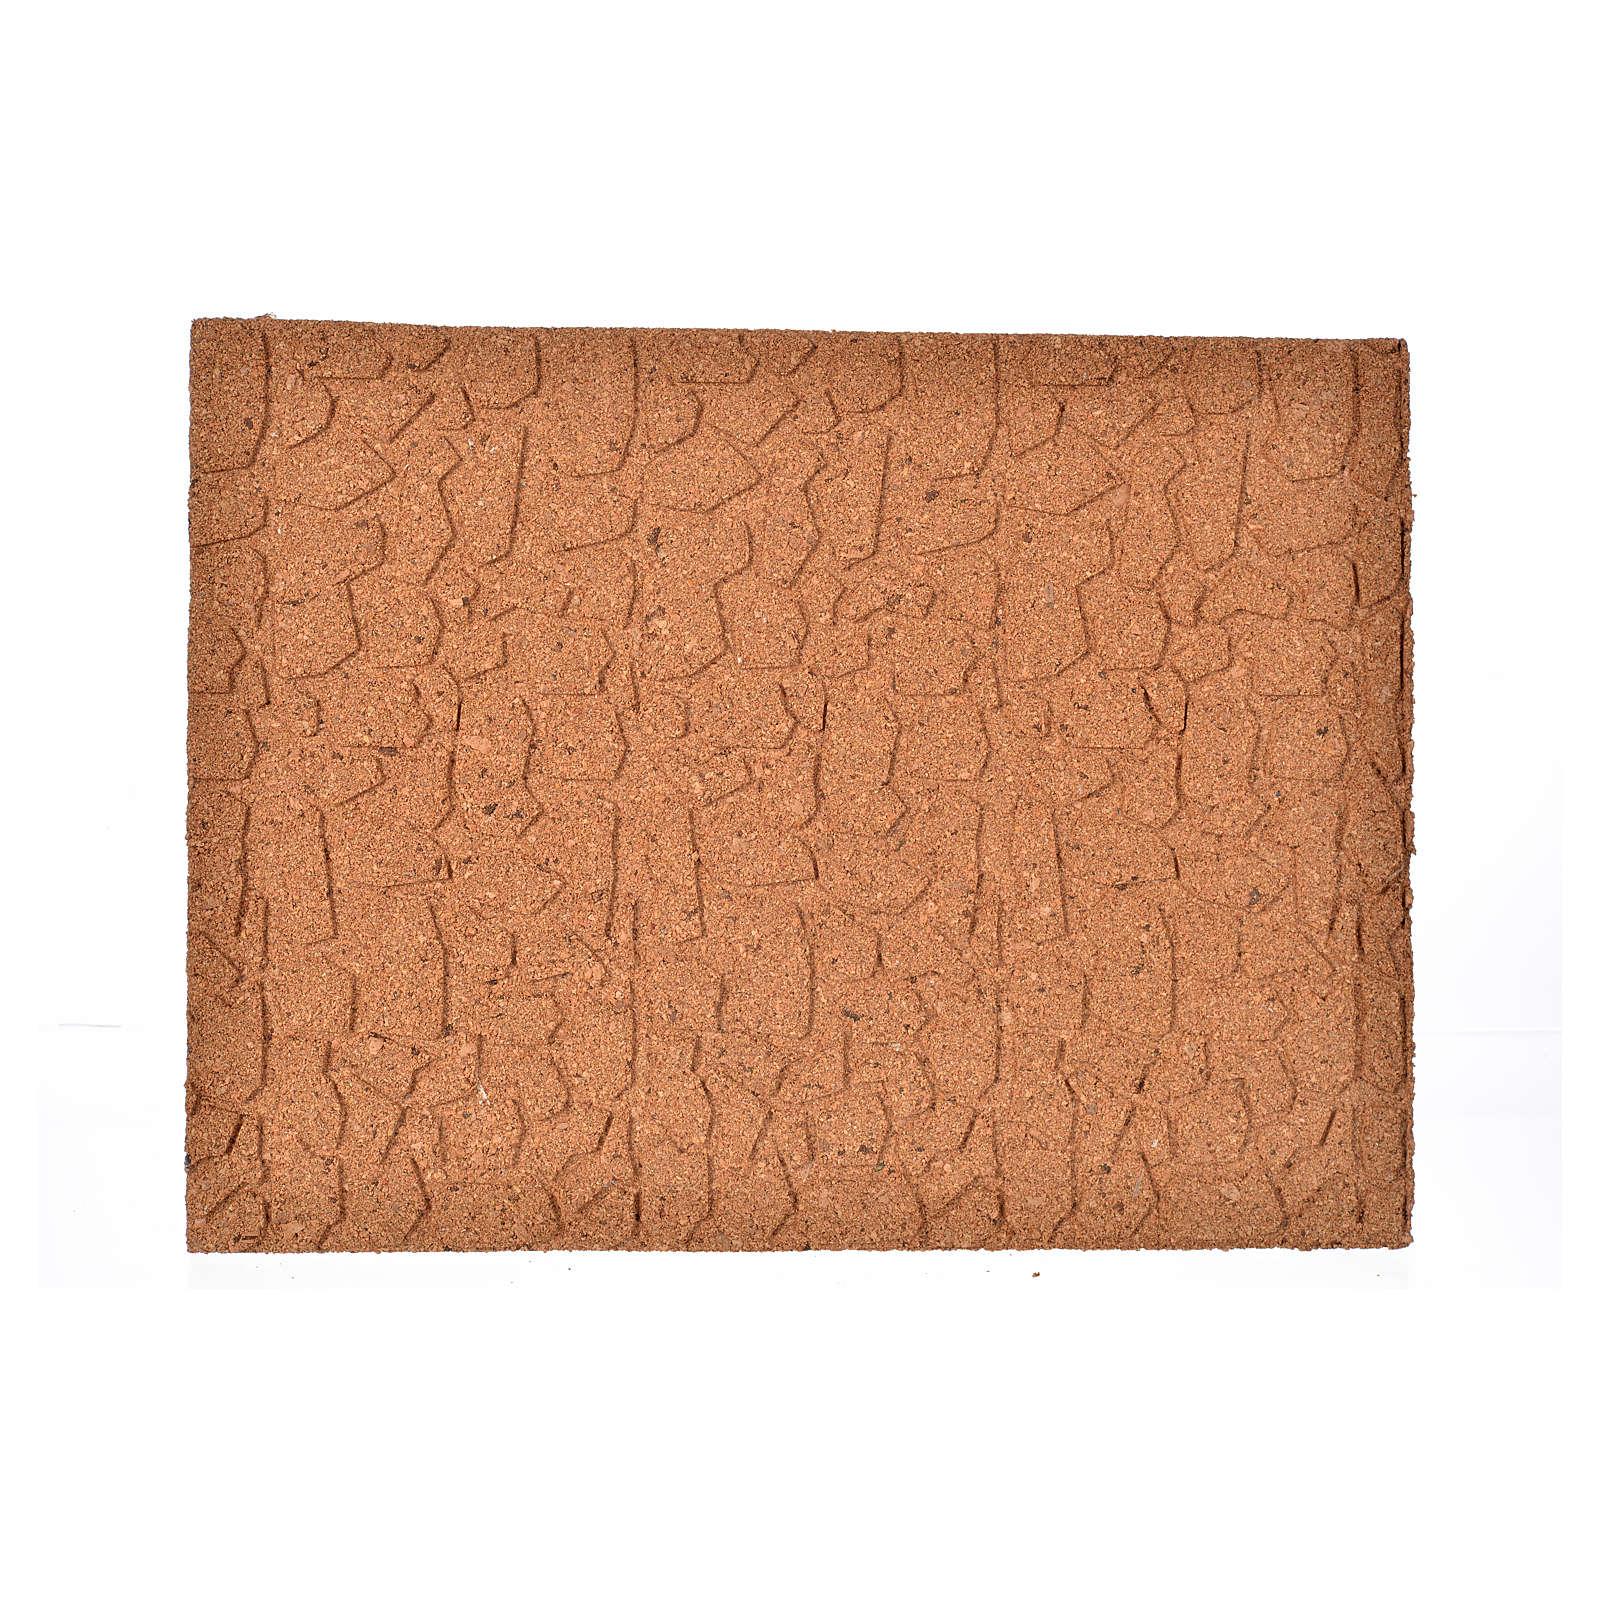 Plancha corcho piedras irregulares cm. 33x24.5x1 4